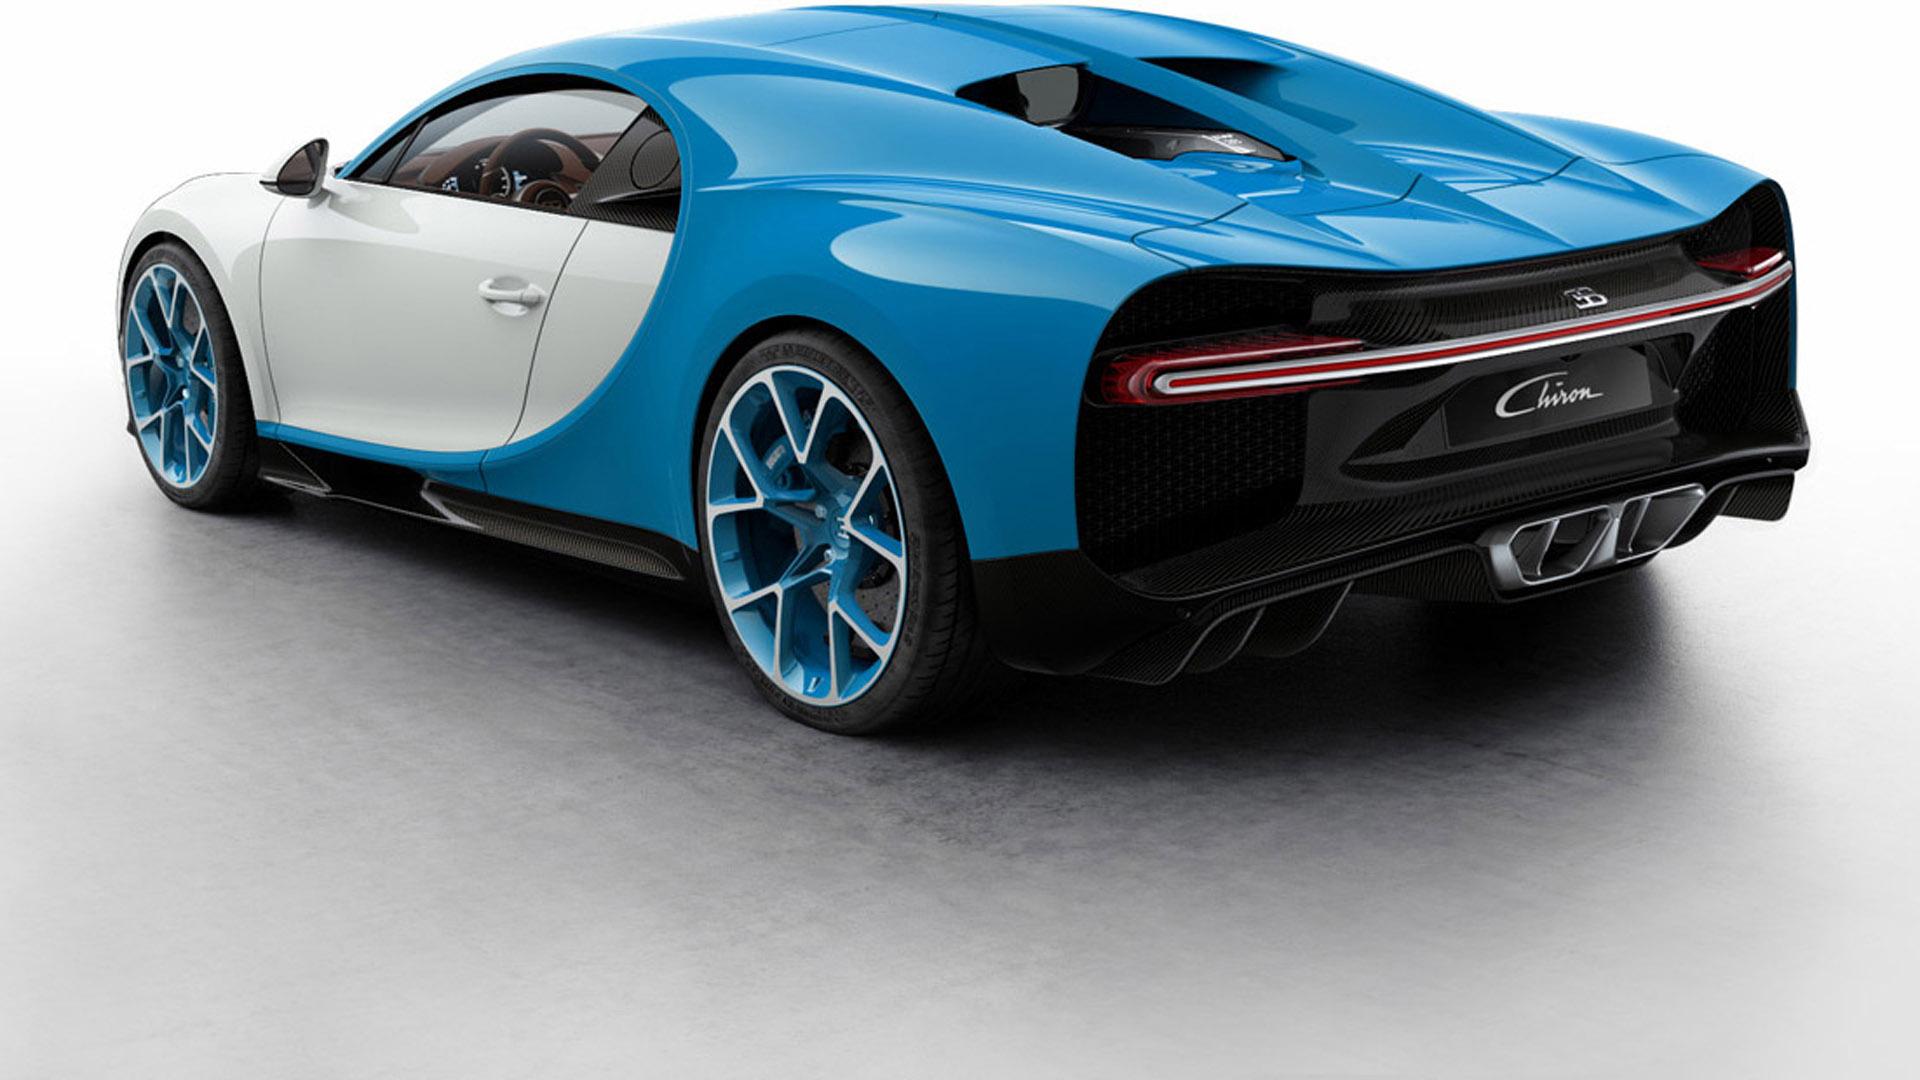 Bugatti Car Price >> Bugatti Launches the Chiron Colorizer